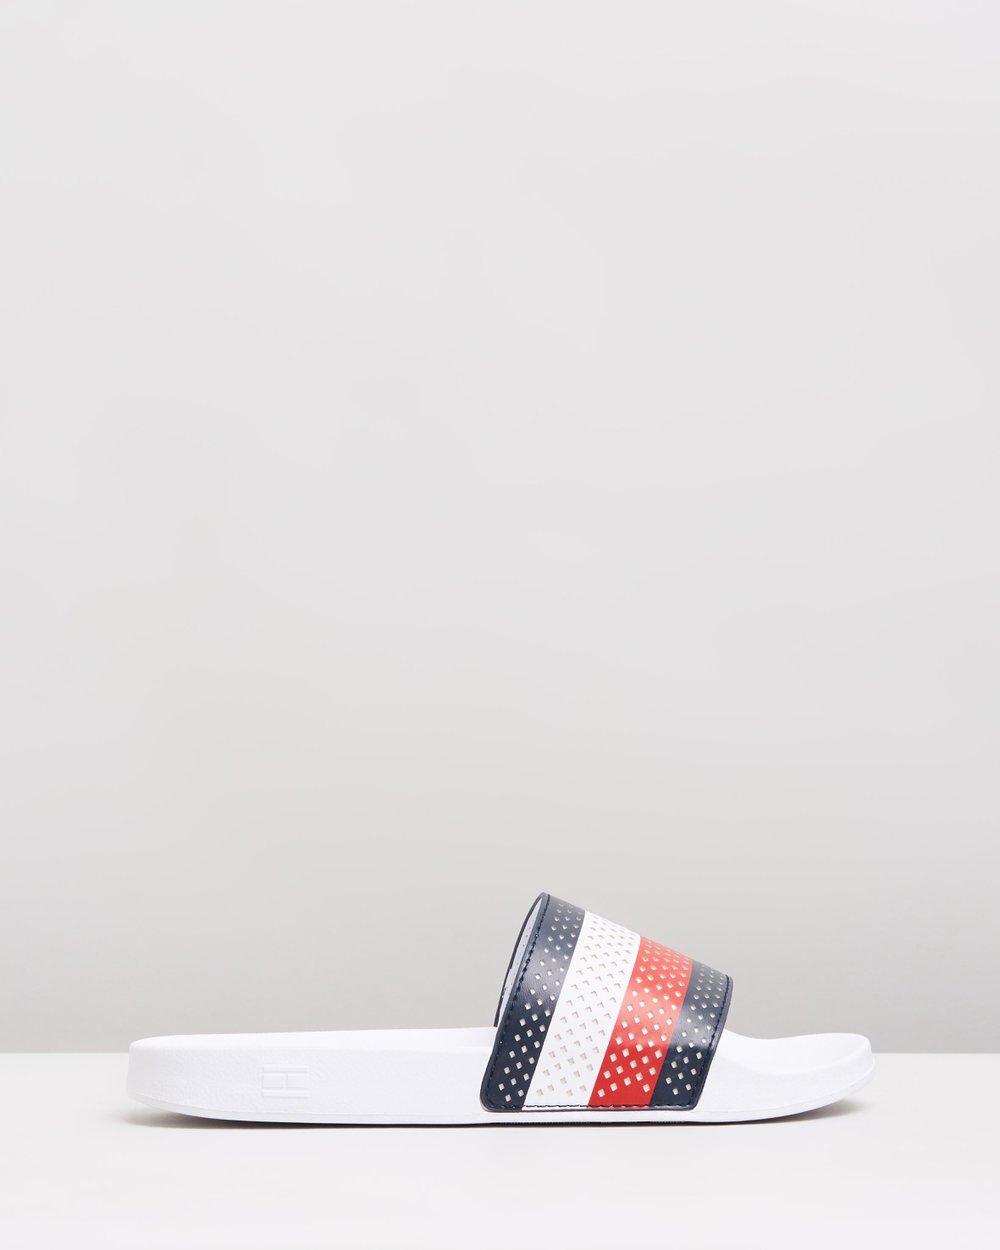 bb1ed2fab8cb24 Tag Tommy Hilfiger Mens Shoes Australia — waldon.protese-de-silicone ...